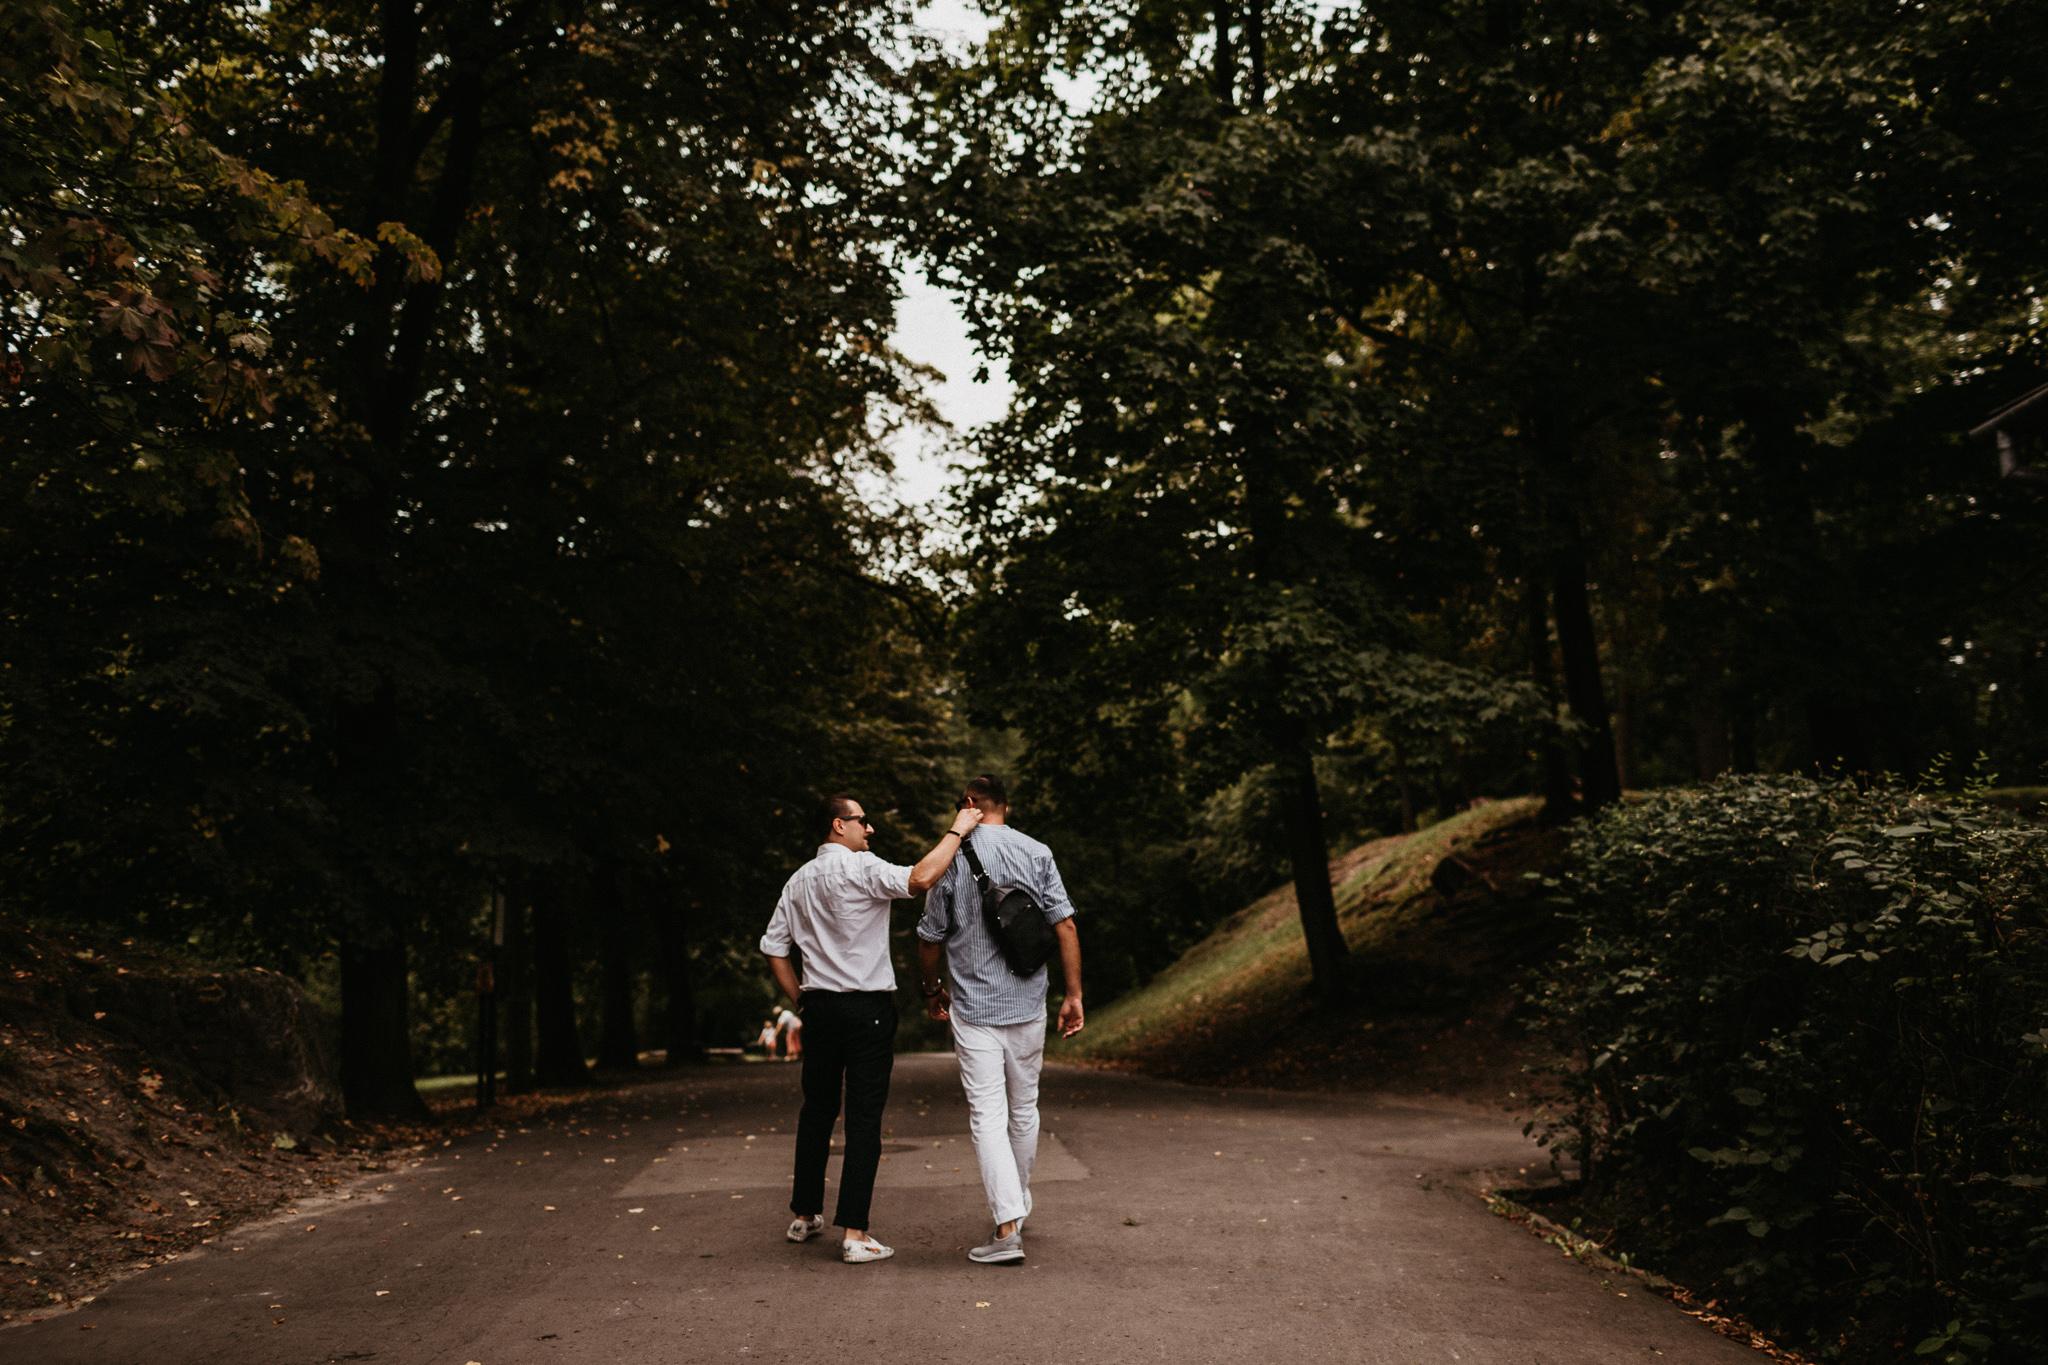 Damian & Daniel <br>Ślub humanistyczny<br>w Krakowie 21